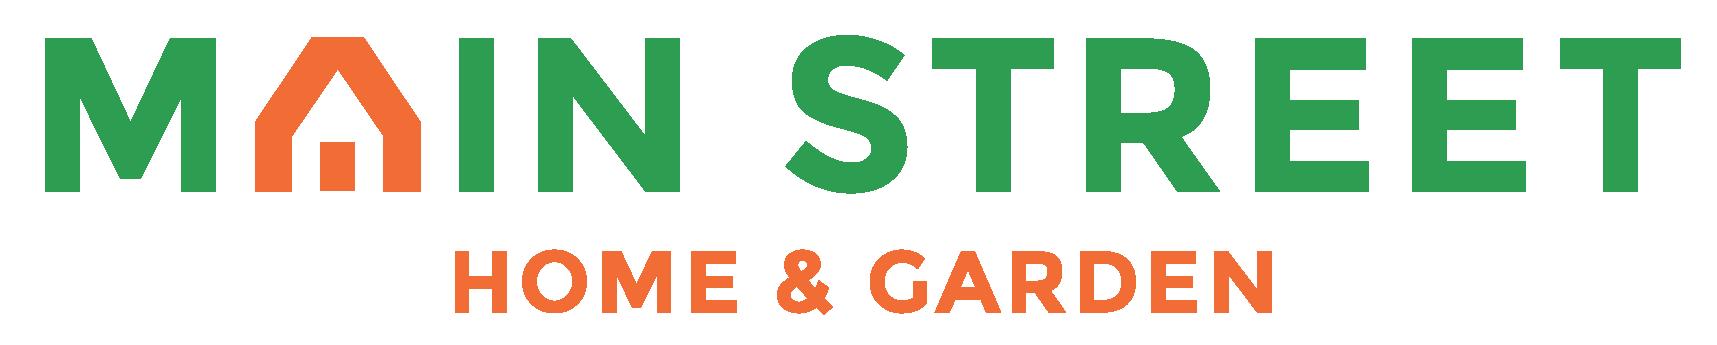 Main Street Home & Garden Logo